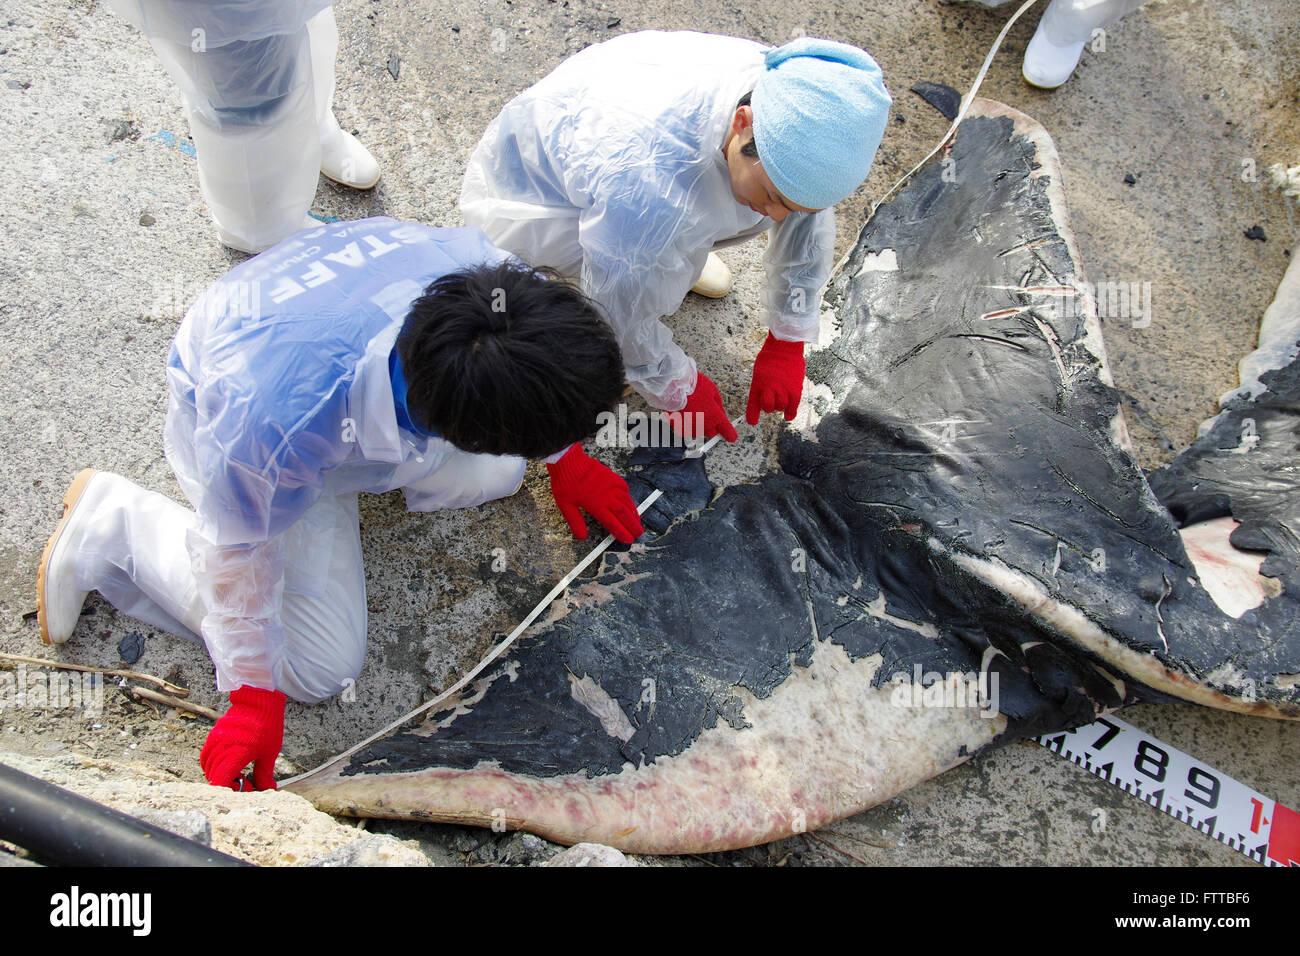 Por disección Okinawa Churashima Research Center de ballena jorobada joven que vararon cerca de Kadena, en Okinawa, Japón. 19/02/2016 Foto de stock